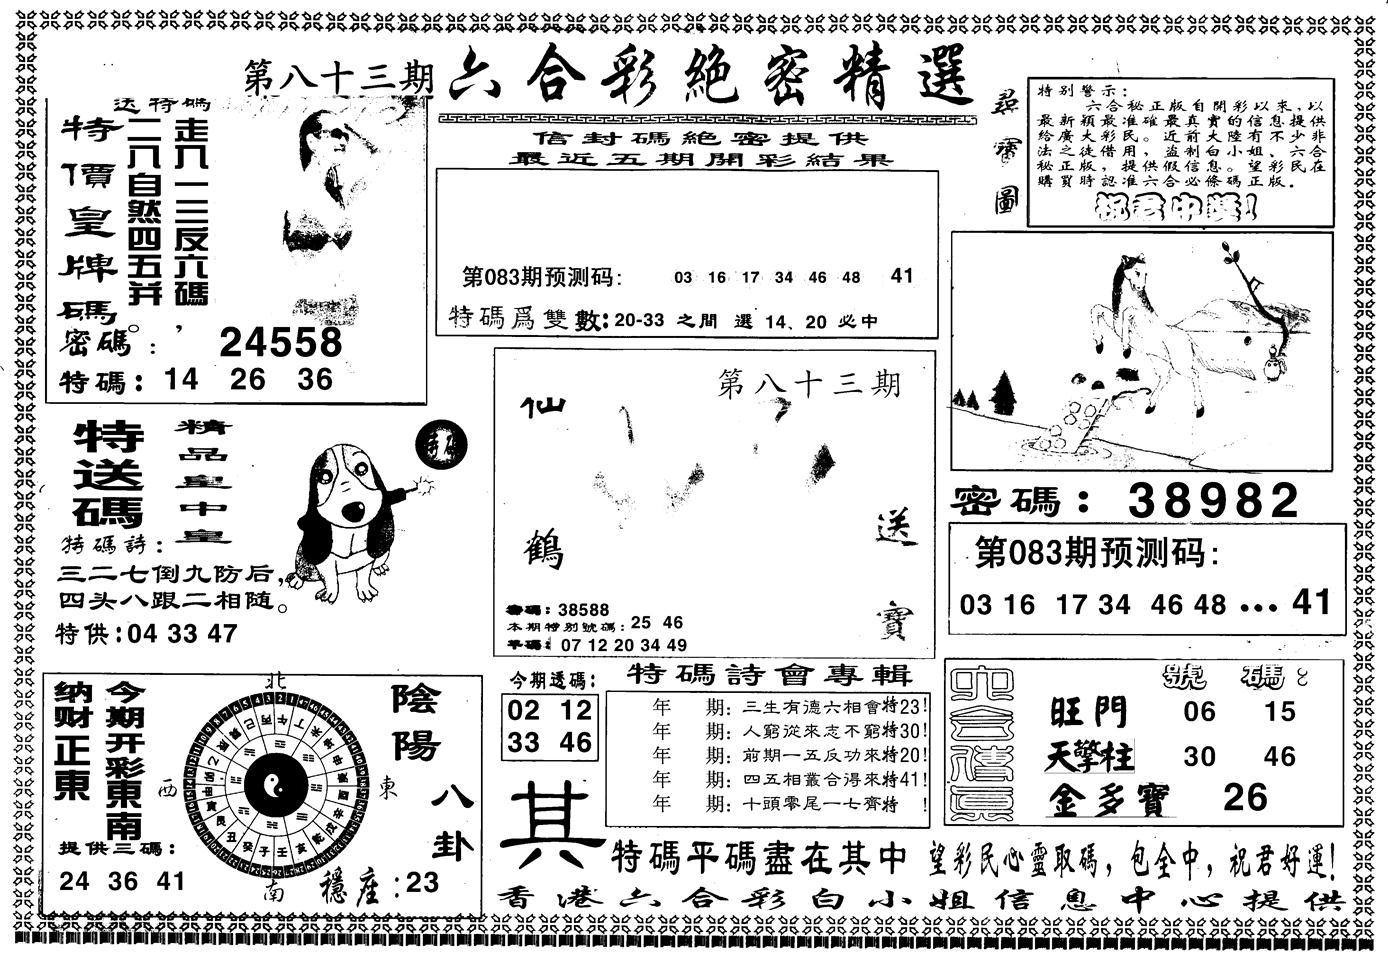 083期另版白姐绝密精选A(黑白)